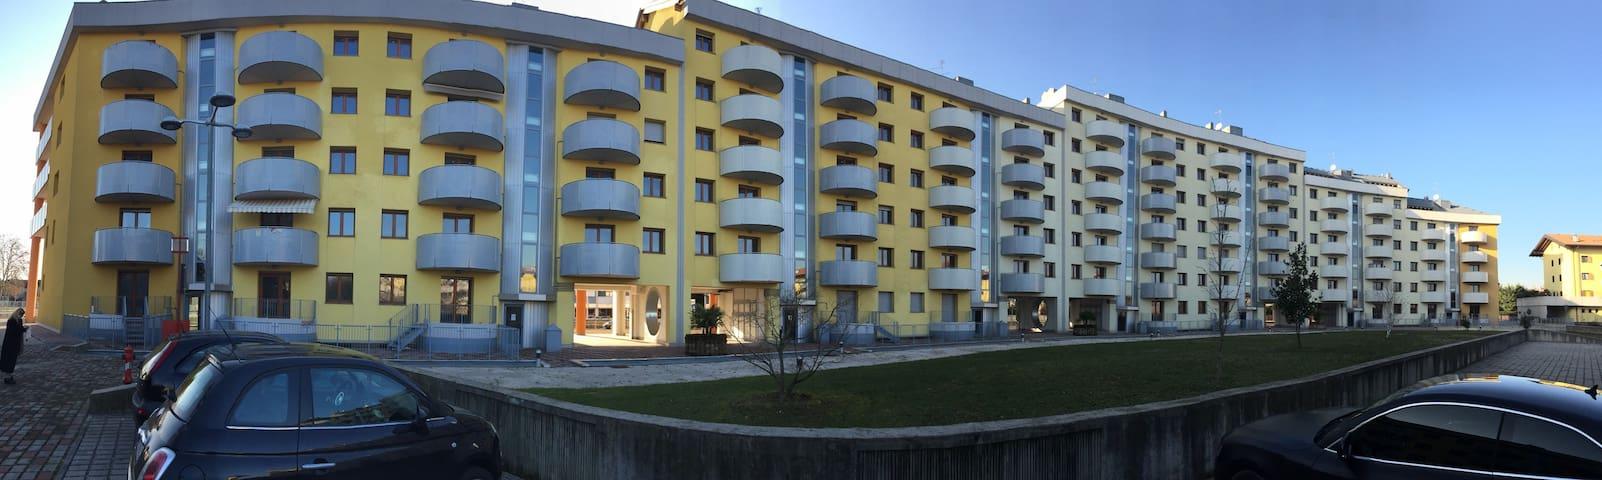 Appartamento nuovo zona Udine